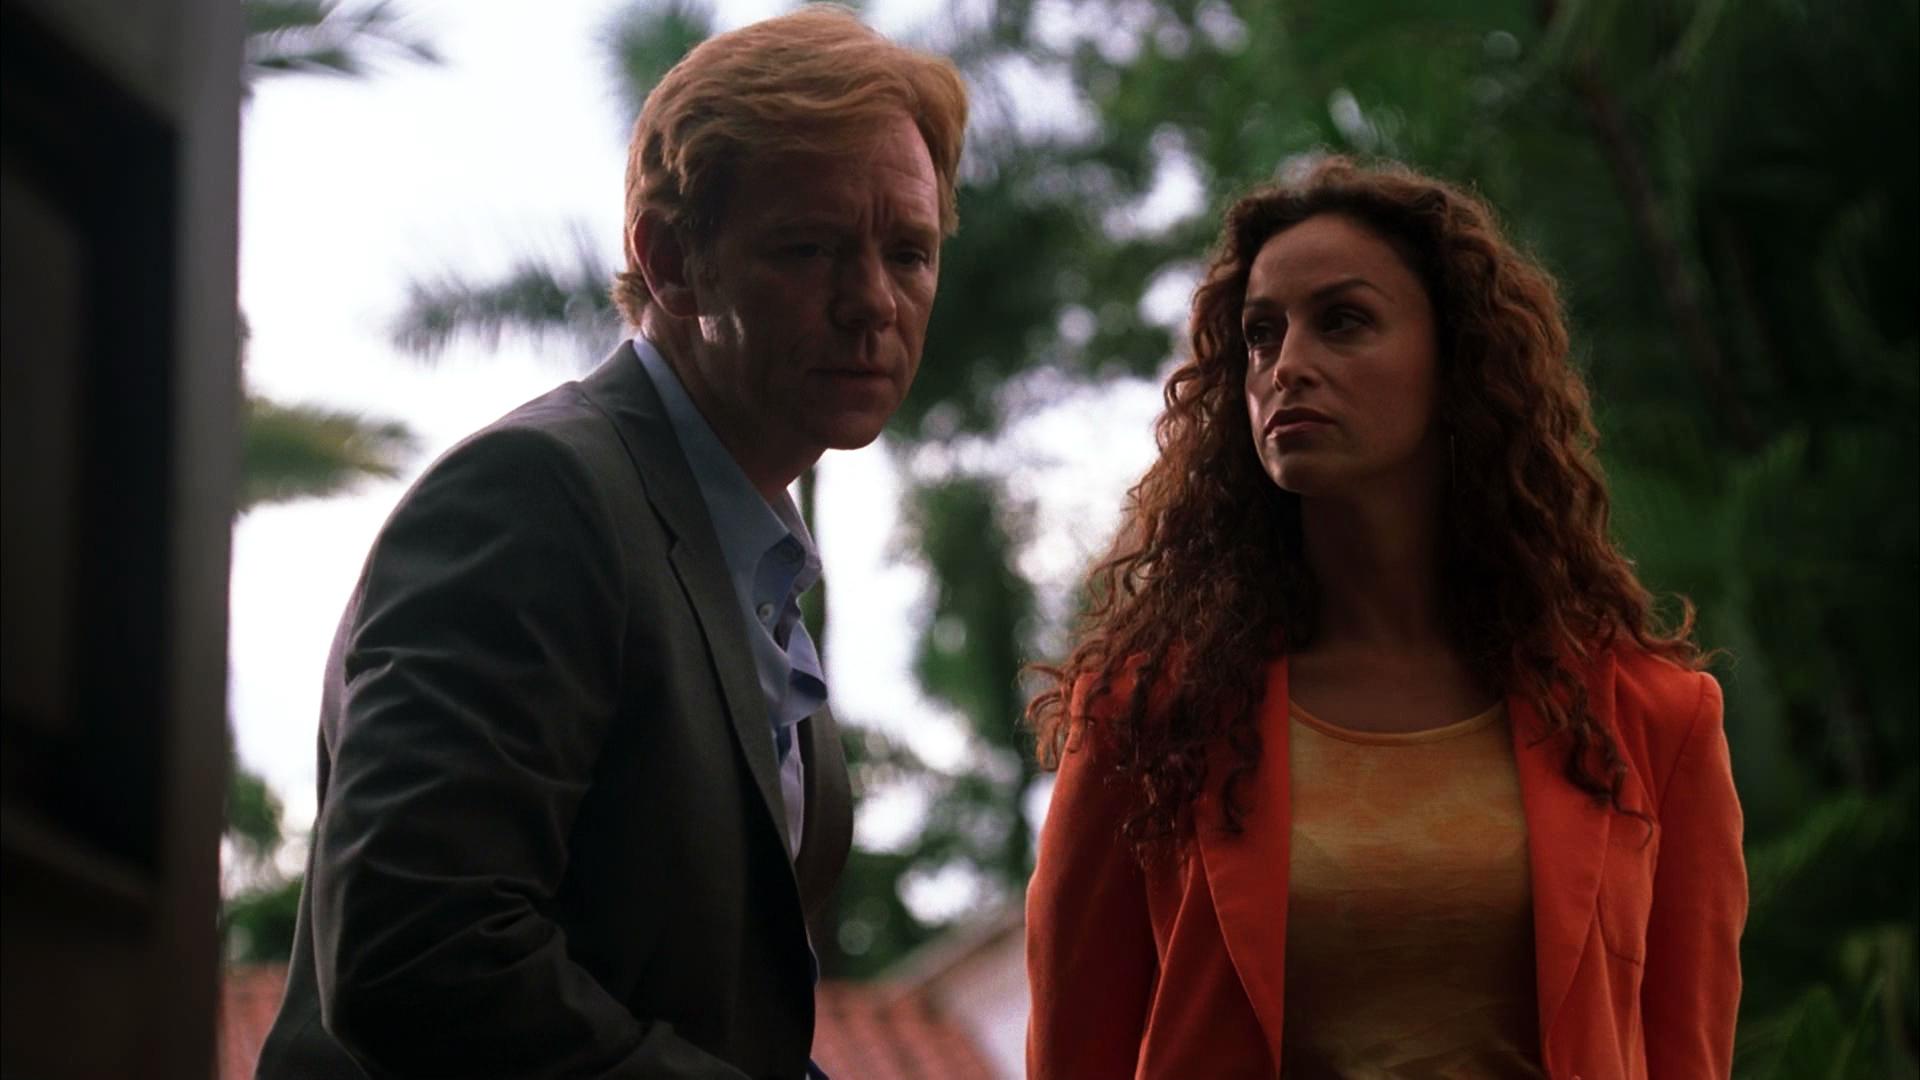 Watch CSI: Miami Season 3 Episode 1: Lost Son - Full show on CBS All Access